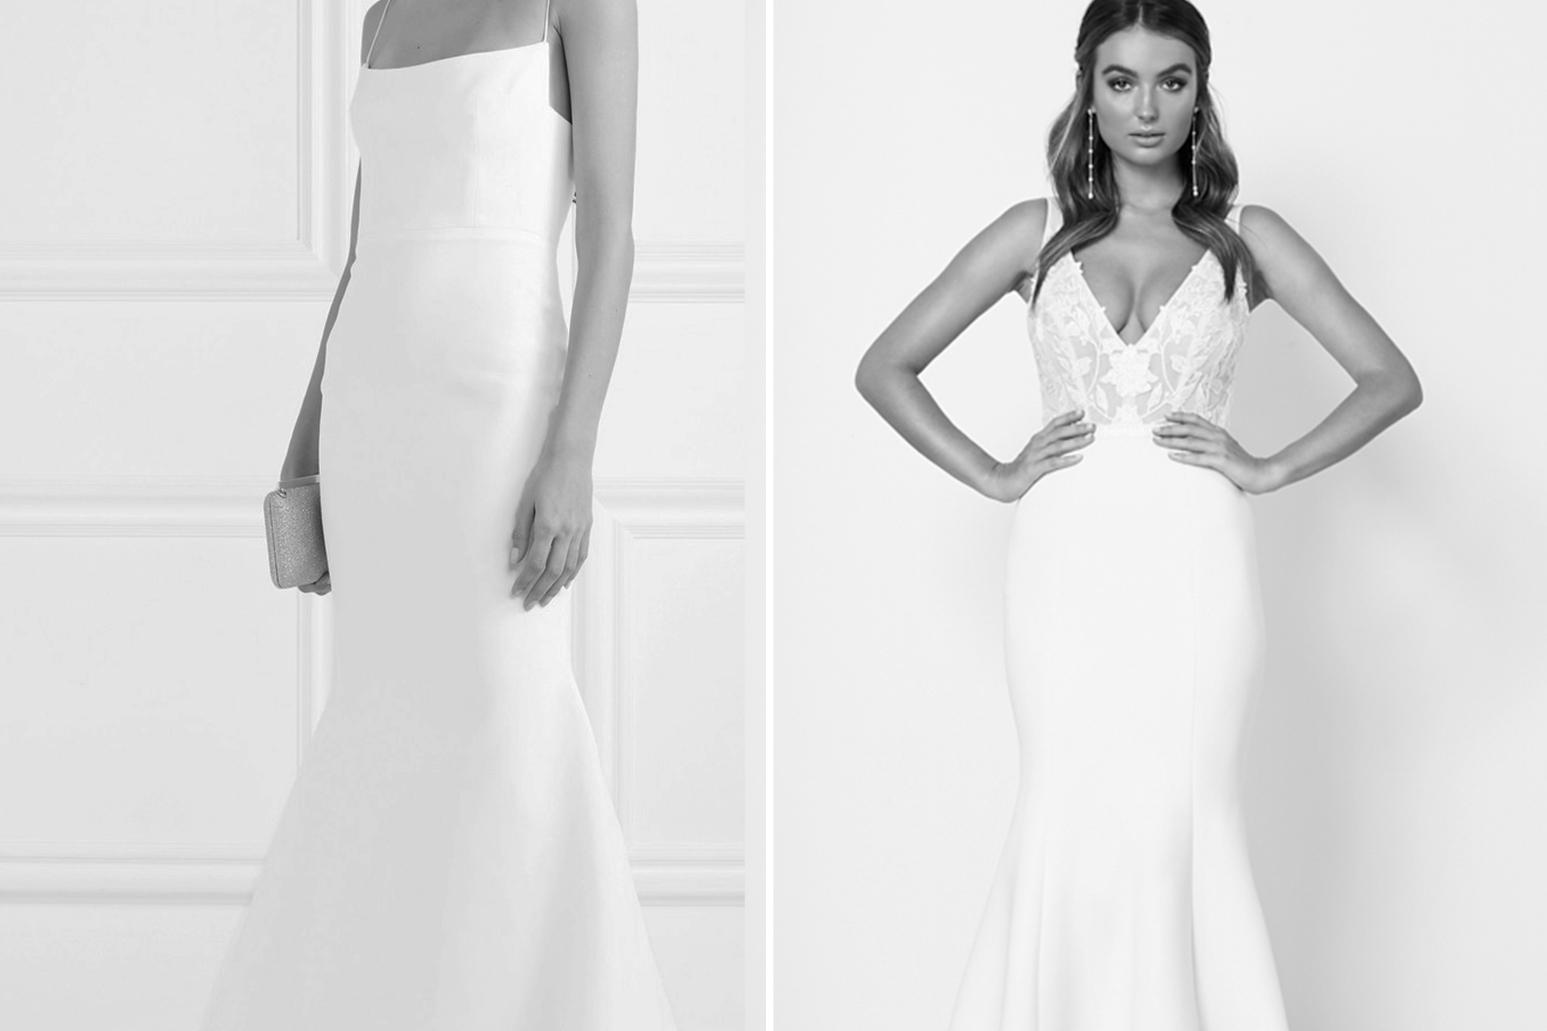 wedding-dress-body-type